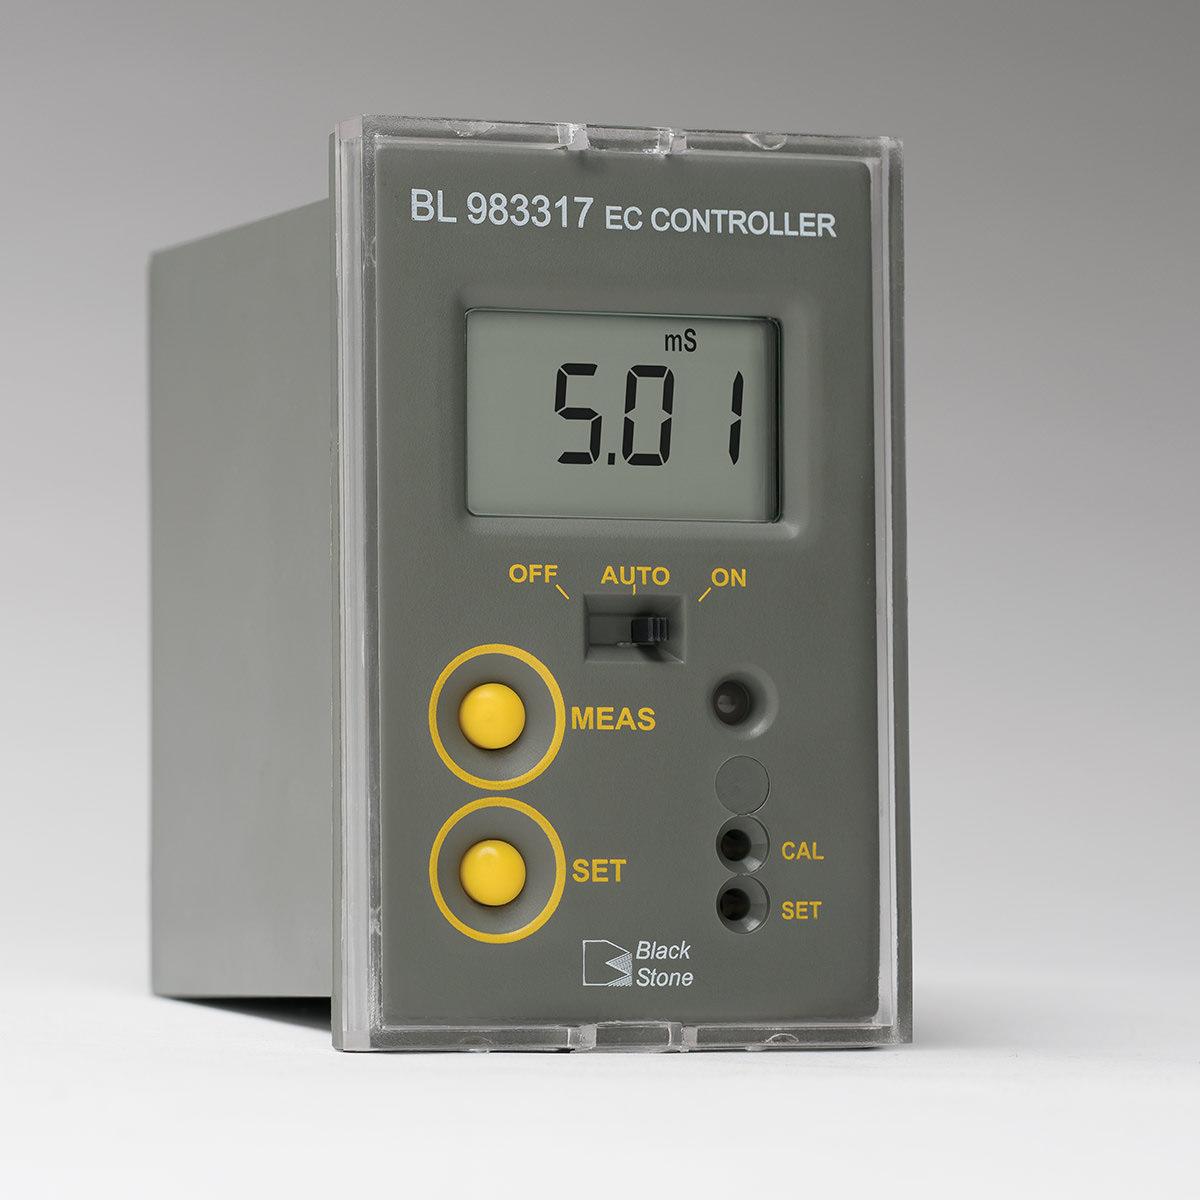 conductivity-mini-controller-bl983317-angle